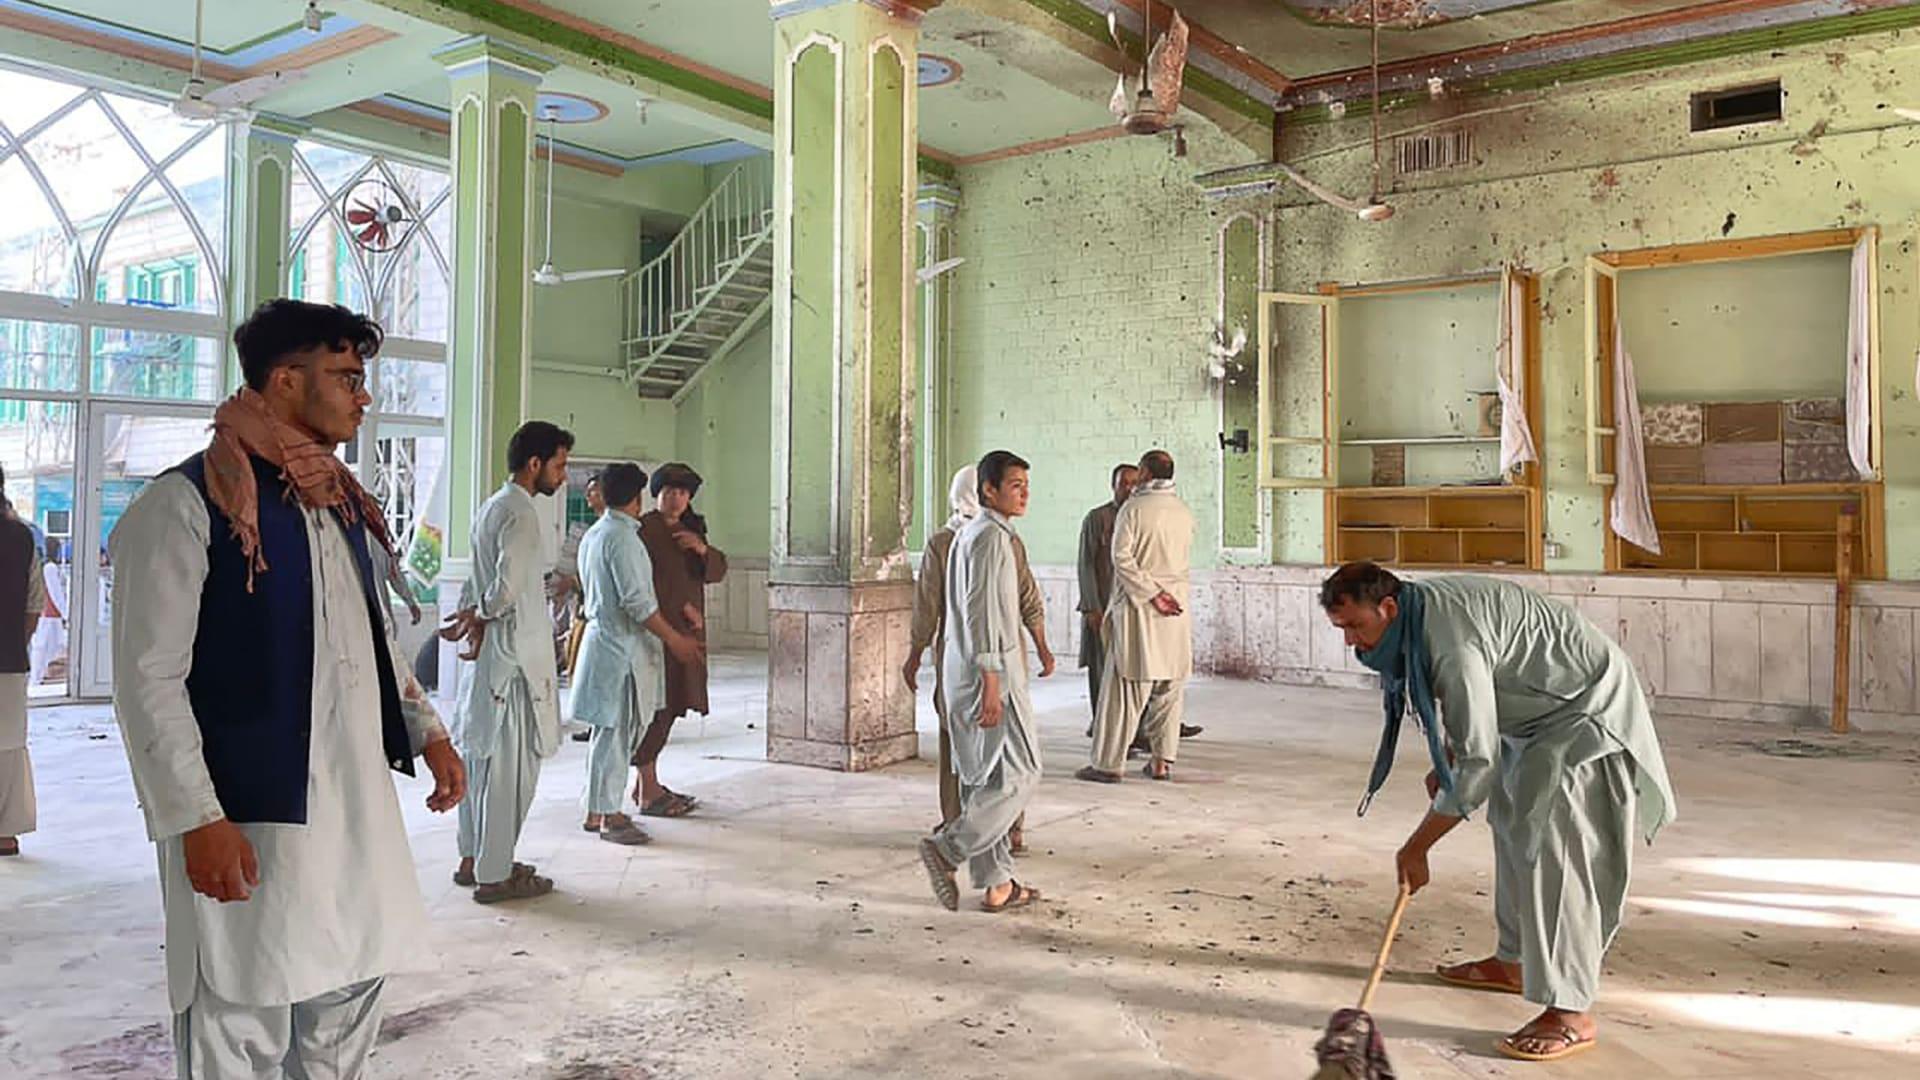 رجال أفغان يتفقدون أضرار الانفجارات داخل مسجد شيعي في قندهار، في 15 أكتوبر/ تشرين الأول 2021